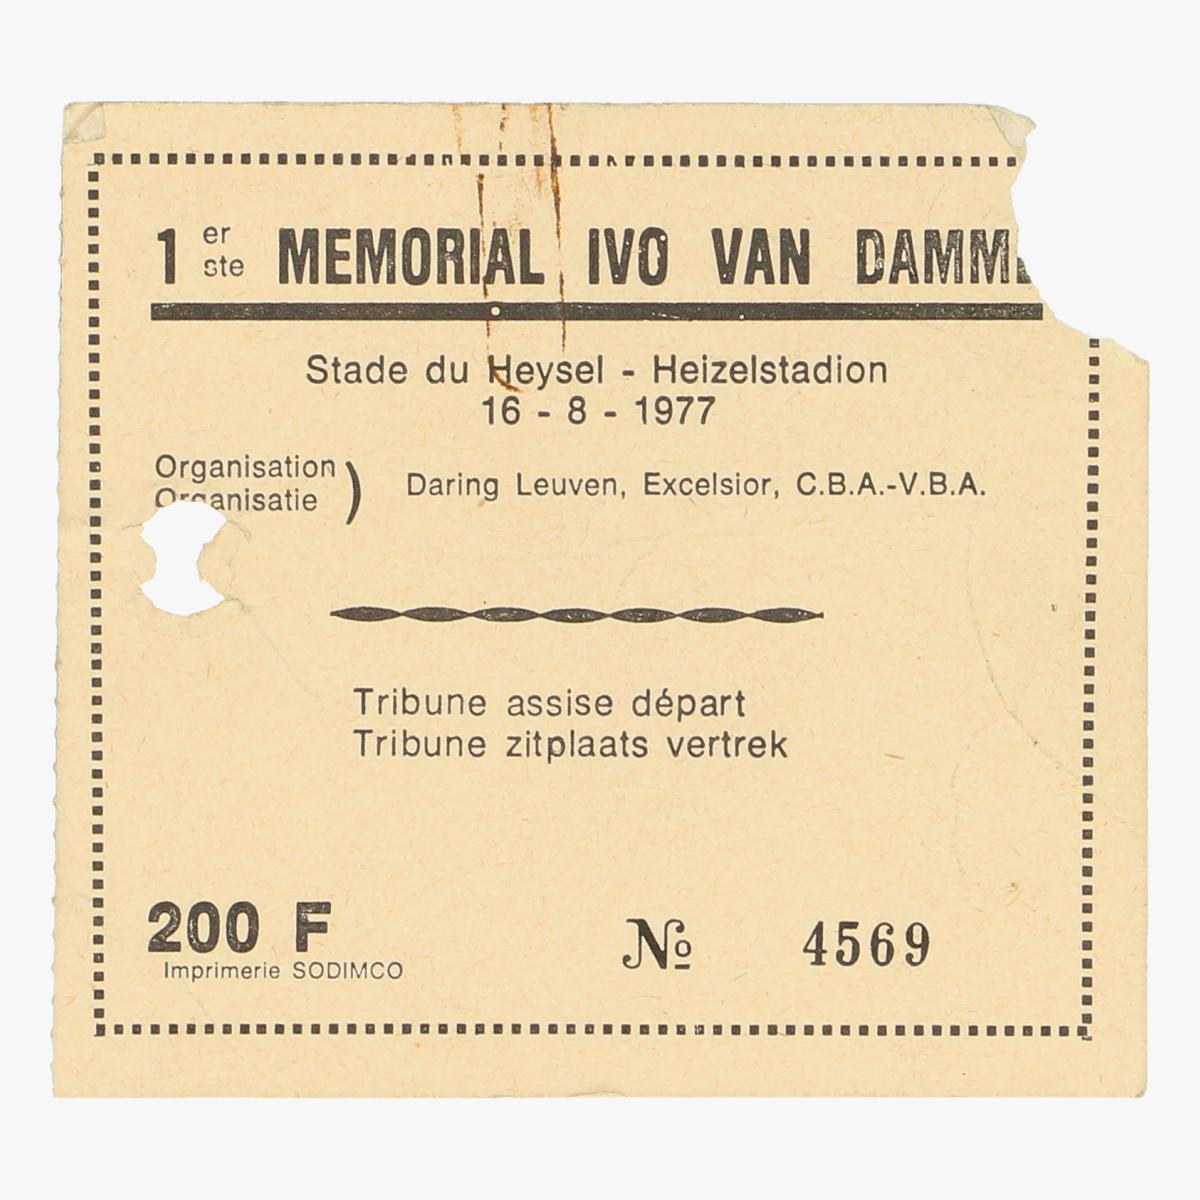 Afbeeldingen van  ticket memorial ivo van damme  16-8-1977